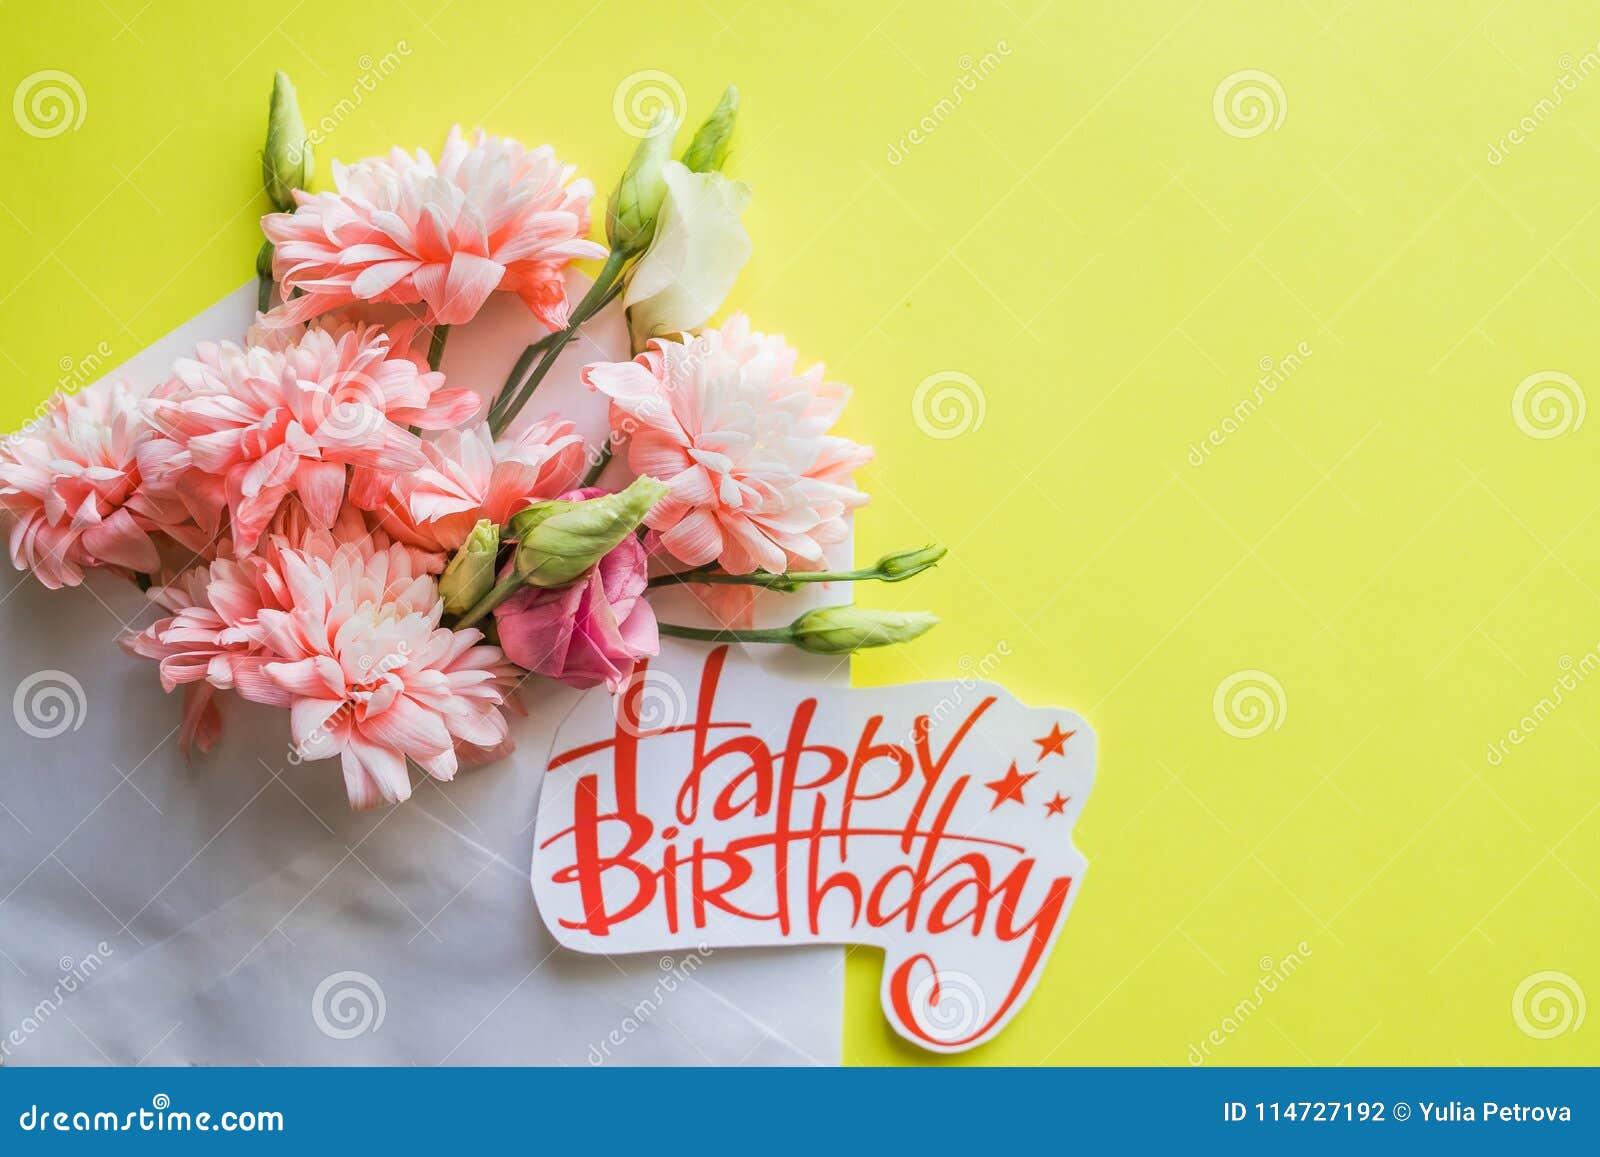 Crisantemi Rosa Molli E Manifesto Di Buon Compleanno Bei Fiori